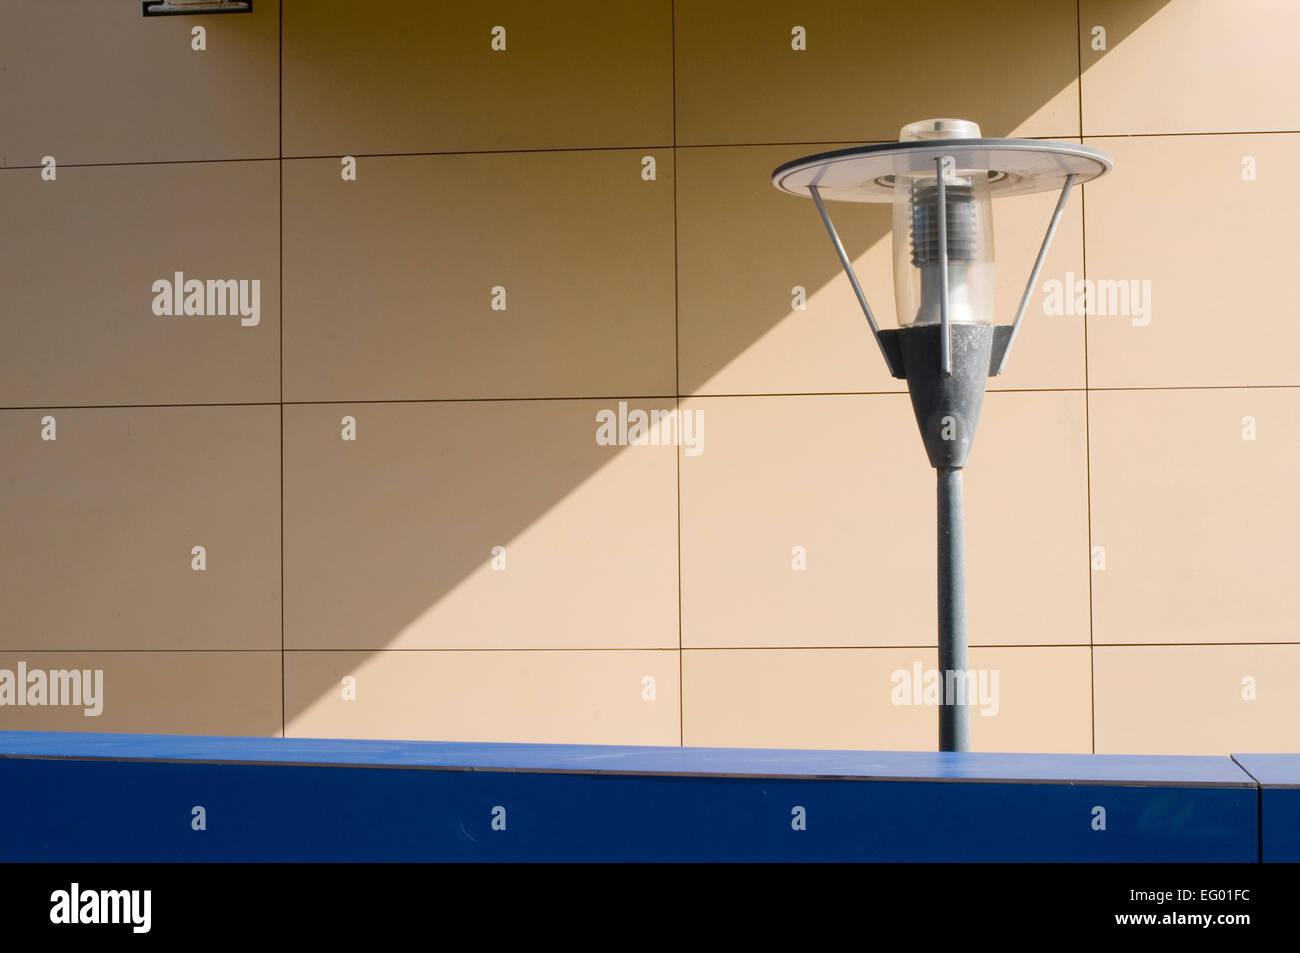 Via la luce di illuminazione mobili in stile contemporaneo moderno design progetta uplighter fino più leggero Immagini Stock